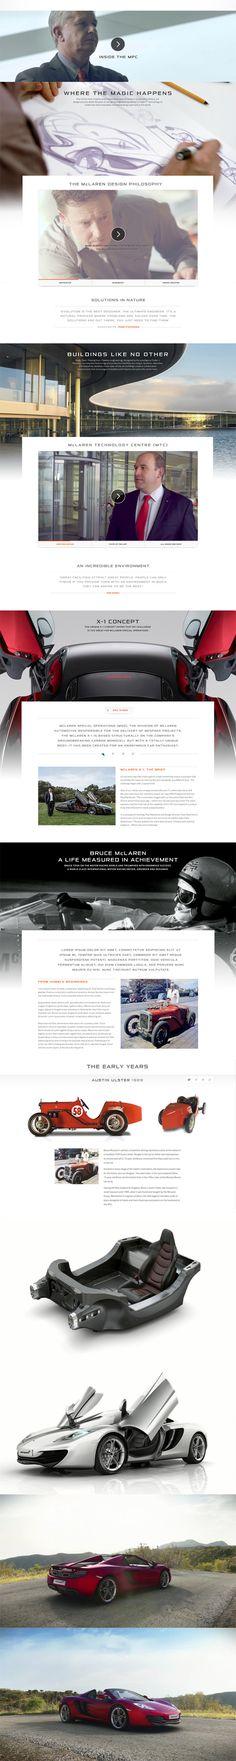 McLaren Automotive Website on Behance